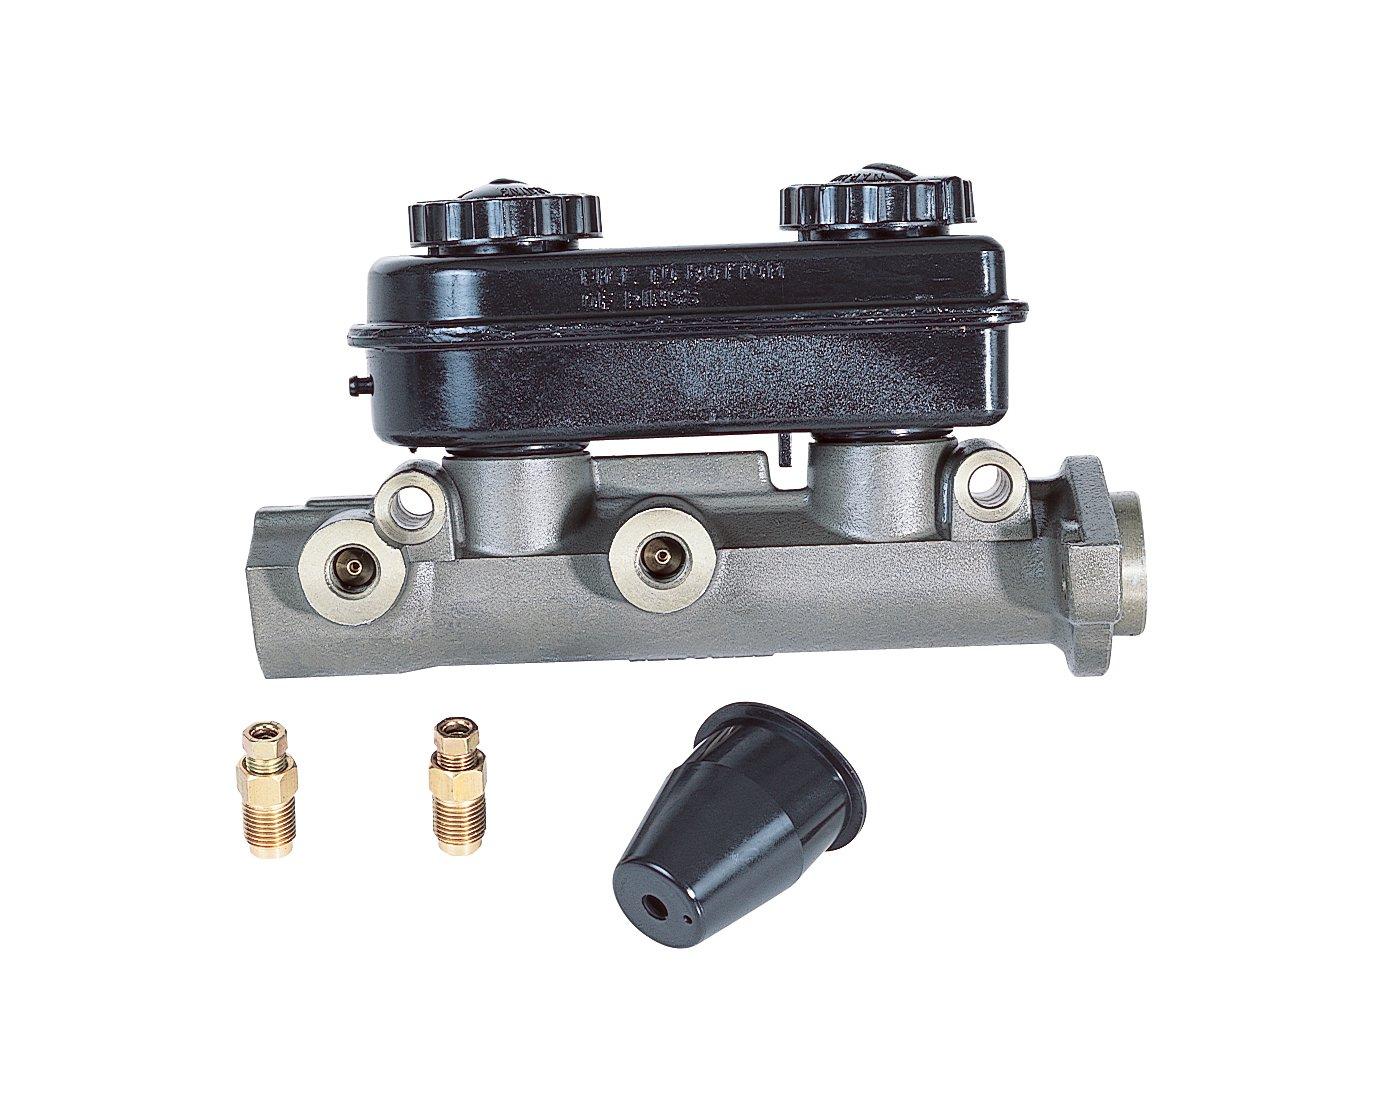 Strange Engineering B3359 1.13 Bore Master Cylinder with Mounting Hardware